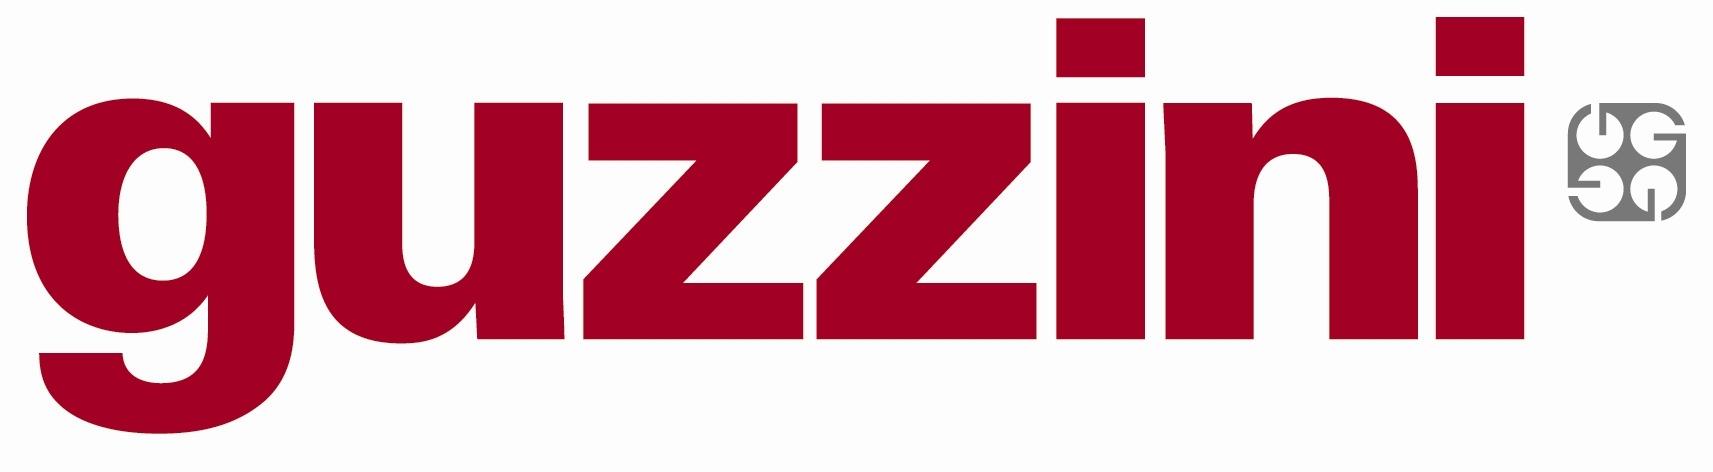 Guzzini er en familieejet virksomhed 2ca2c951dd263